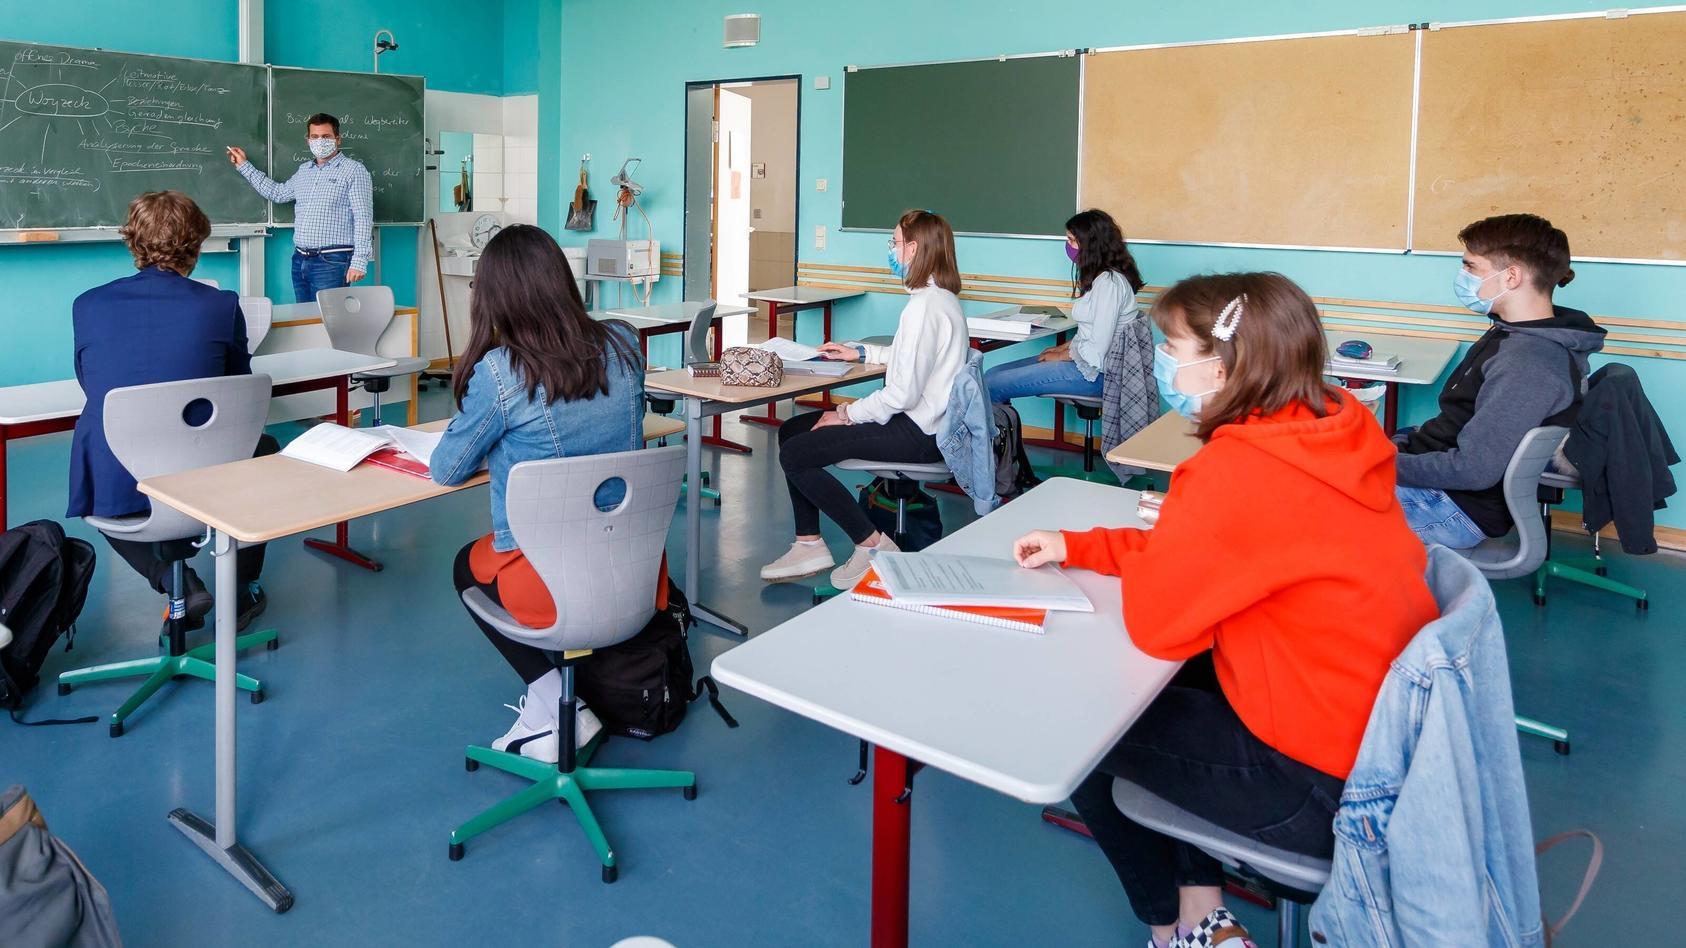 News Themen der Woche KW19 News Bilder des Tages Wiesbaden, Gymnasium, 05.05.2020, Schulalltag in der Corona Zeit, zum U